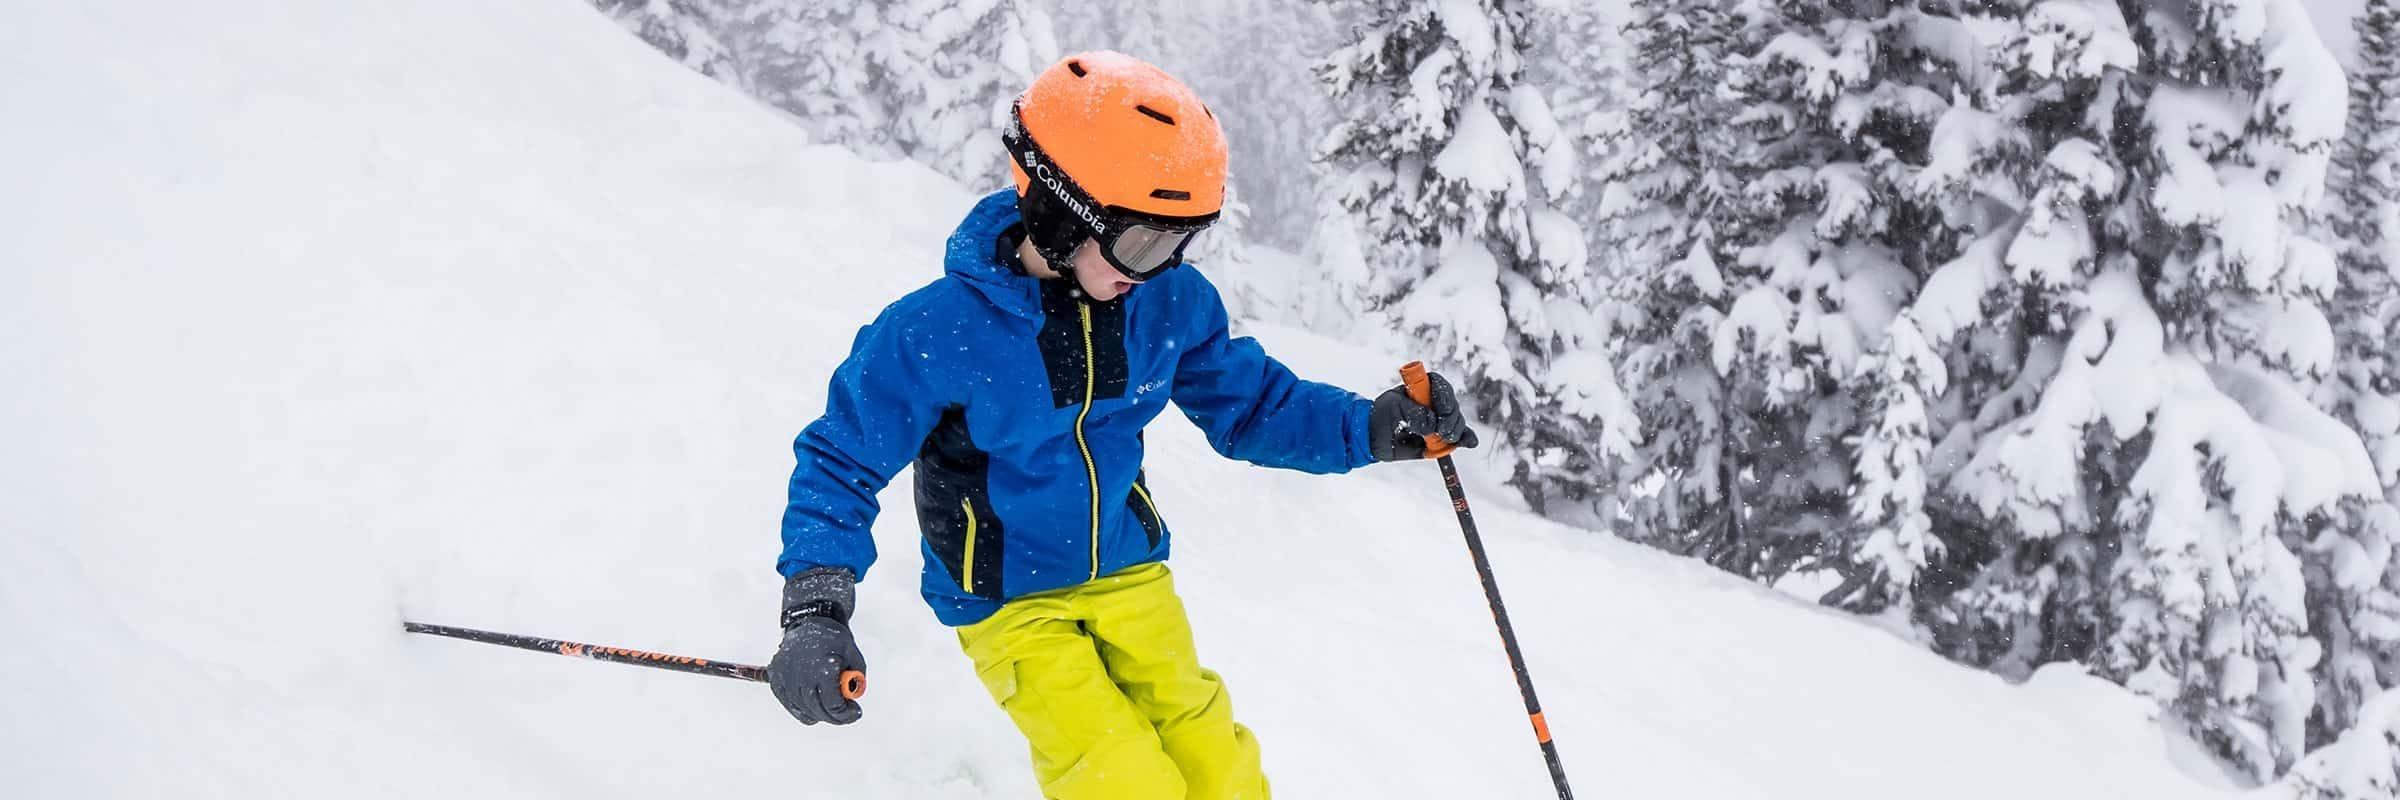 Les meilleurs manteaux d'hiver pour enfants